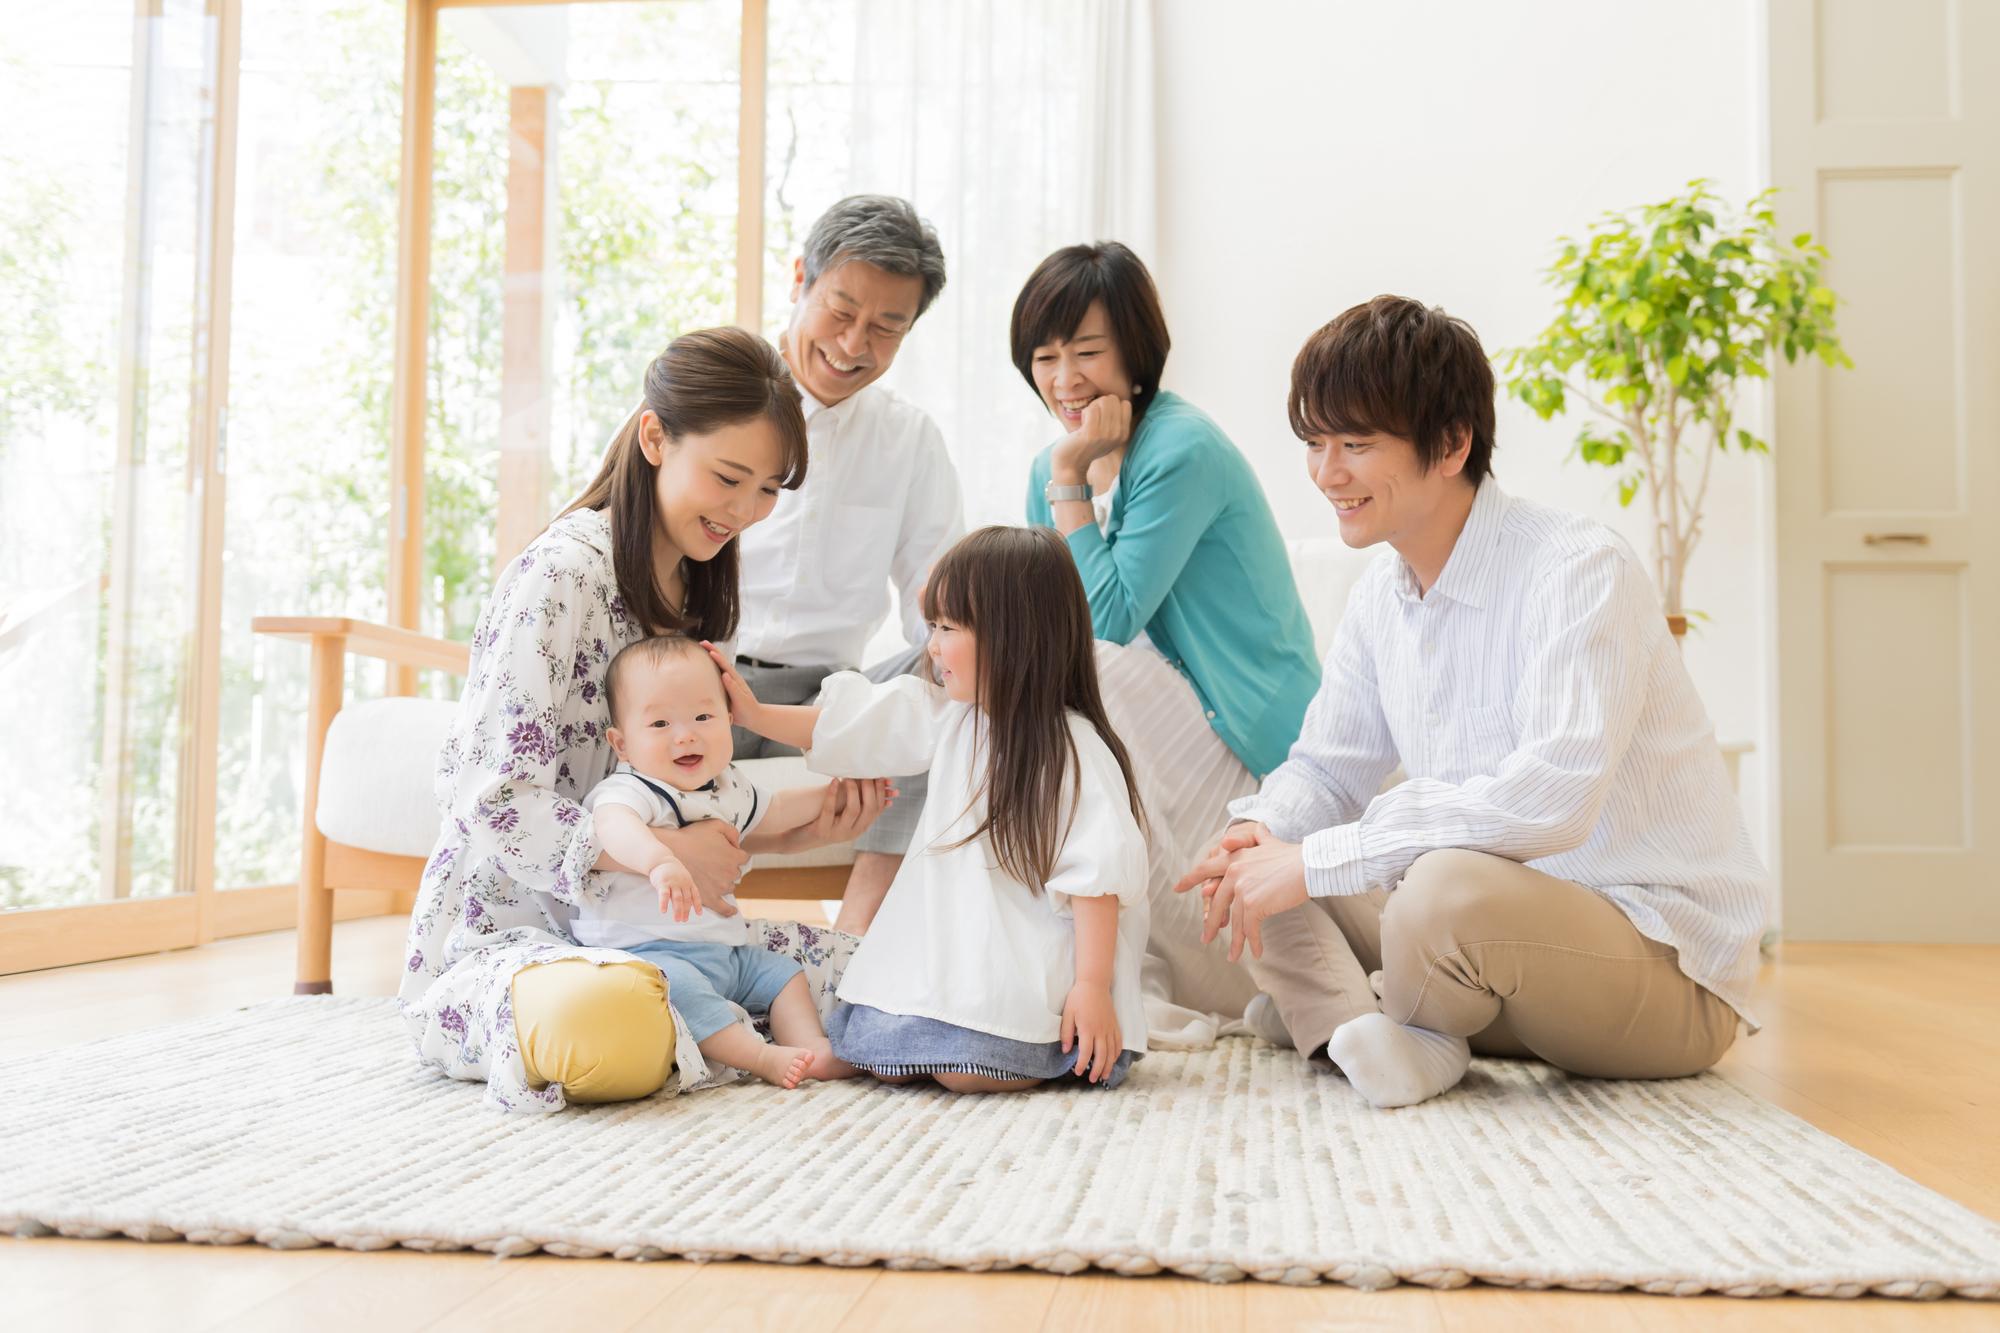 赤ちゃんを囲んで家族団らん